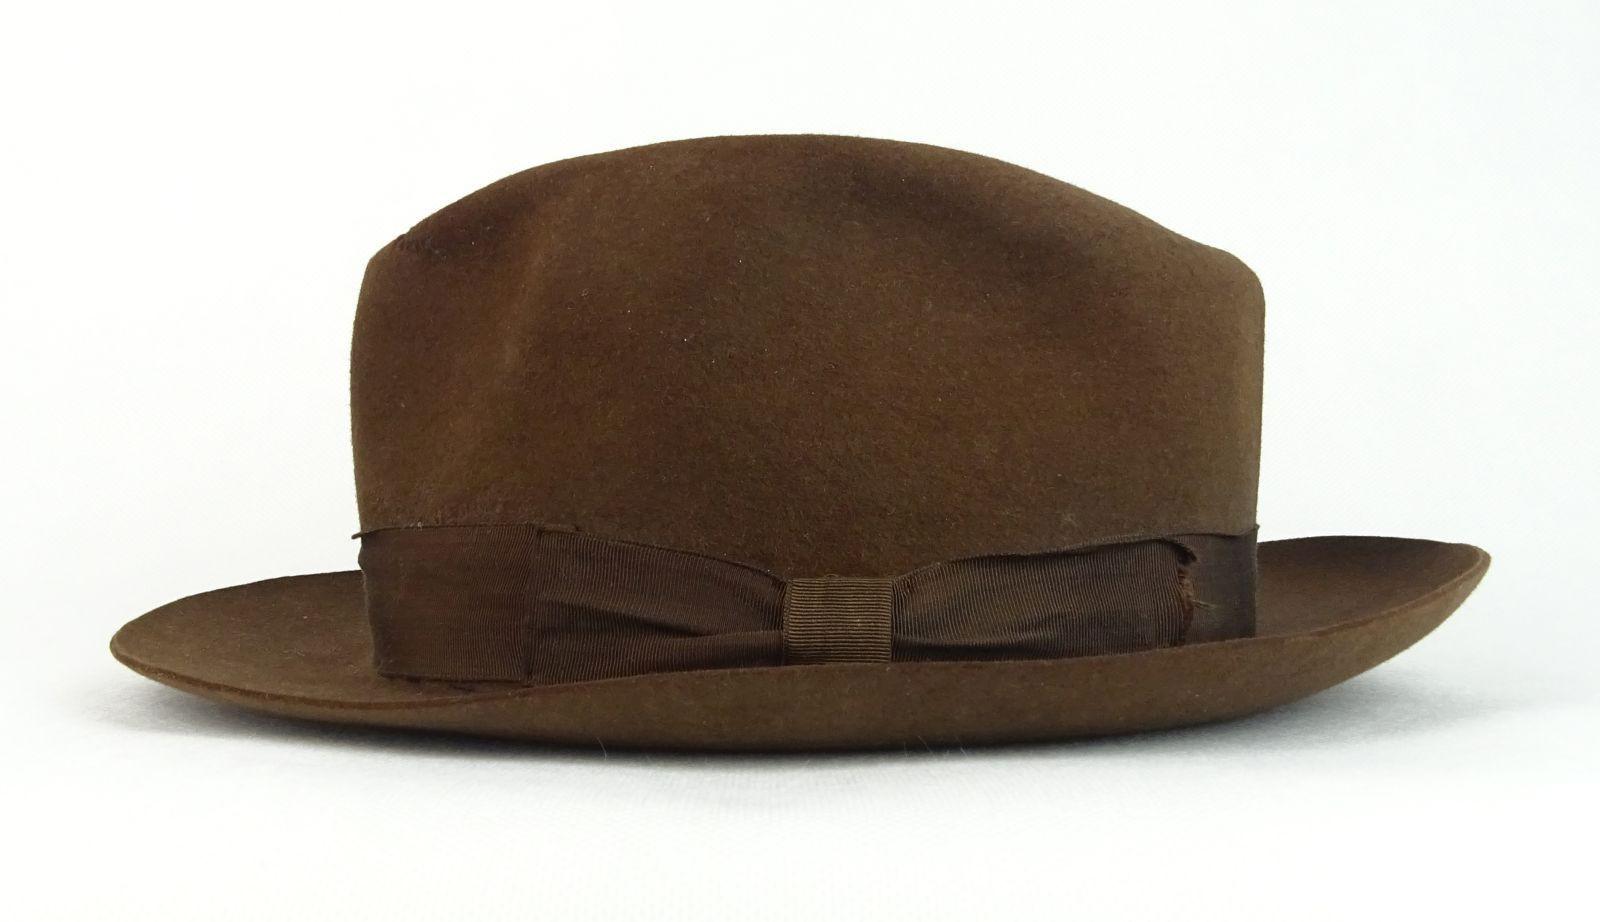 0R815 Régi barna Cervantes argentin férfi kalap - Kendők 3a49dc4af5